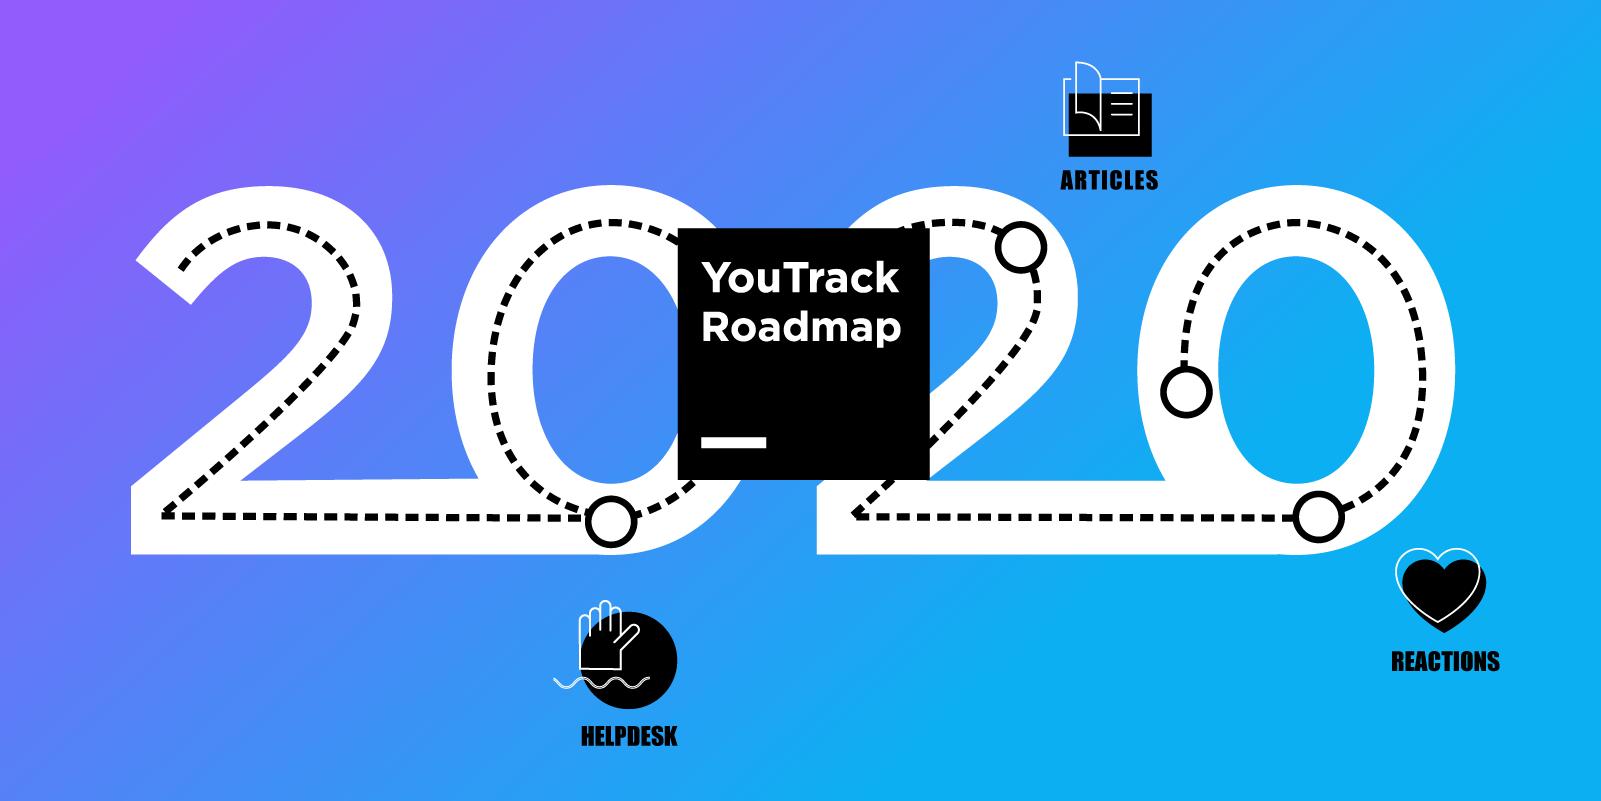 La feuille de route de YouTrack pour 2020